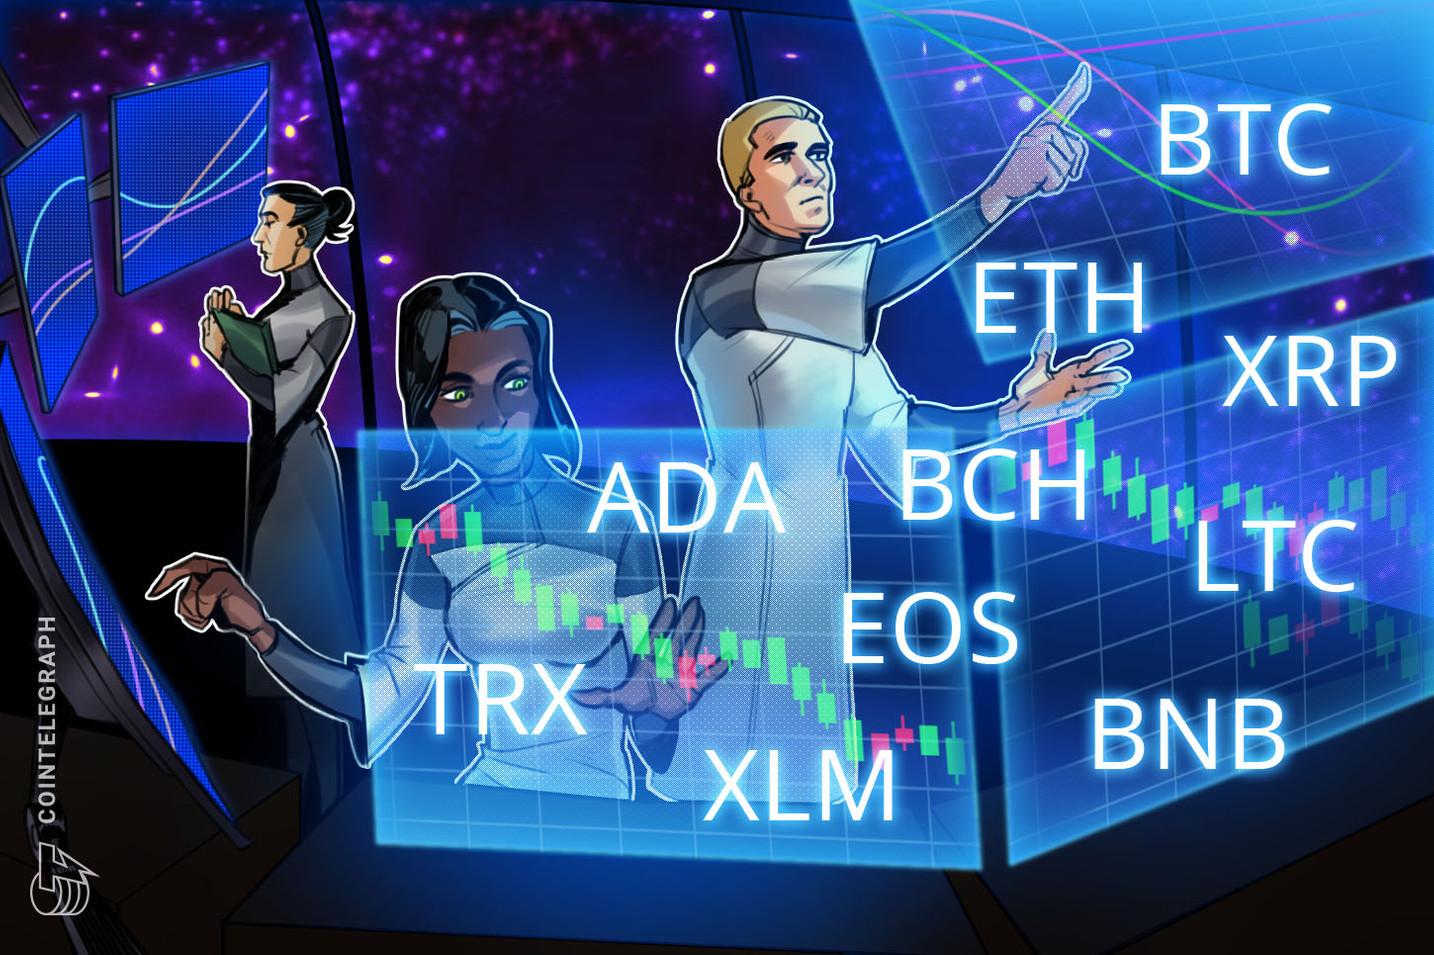 Kursanalyse, 3. Mai: Bitcoin, Ethereum, Ripple, Bitcoin Cash, Litecoin, EOS, Binance Coin, Stellar, Cardano, TRON